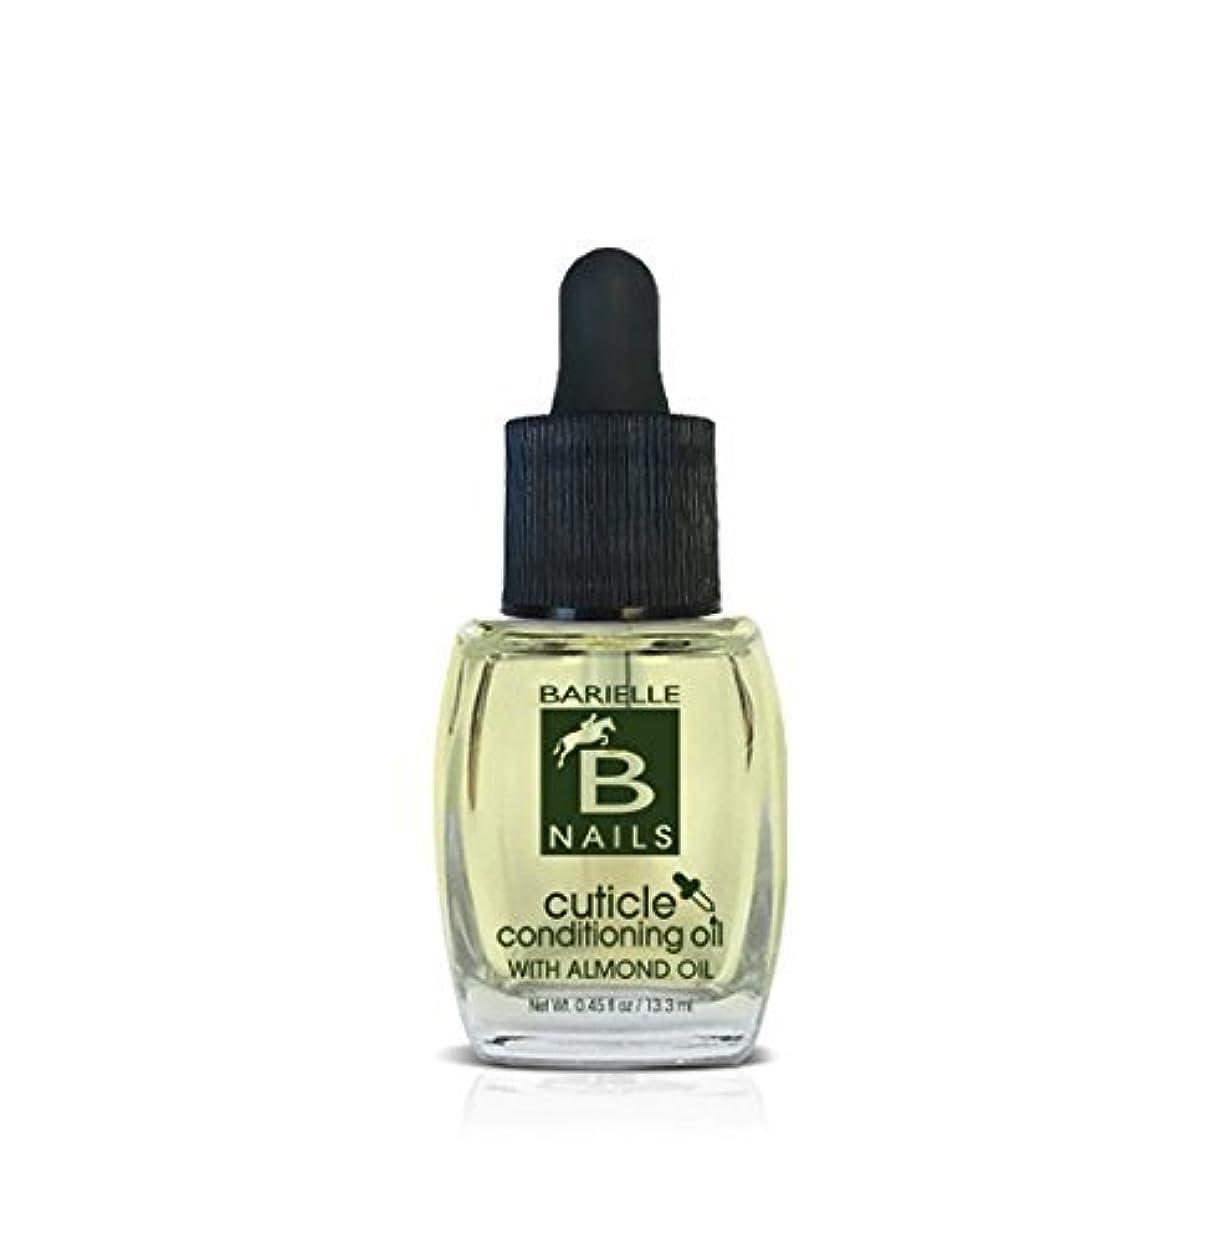 つぶす内訳椅子Barielle Nails - Cuticle Conditioning Oil with Almond Oil w/ Dropper - 13.3 mL / 0.45 oz